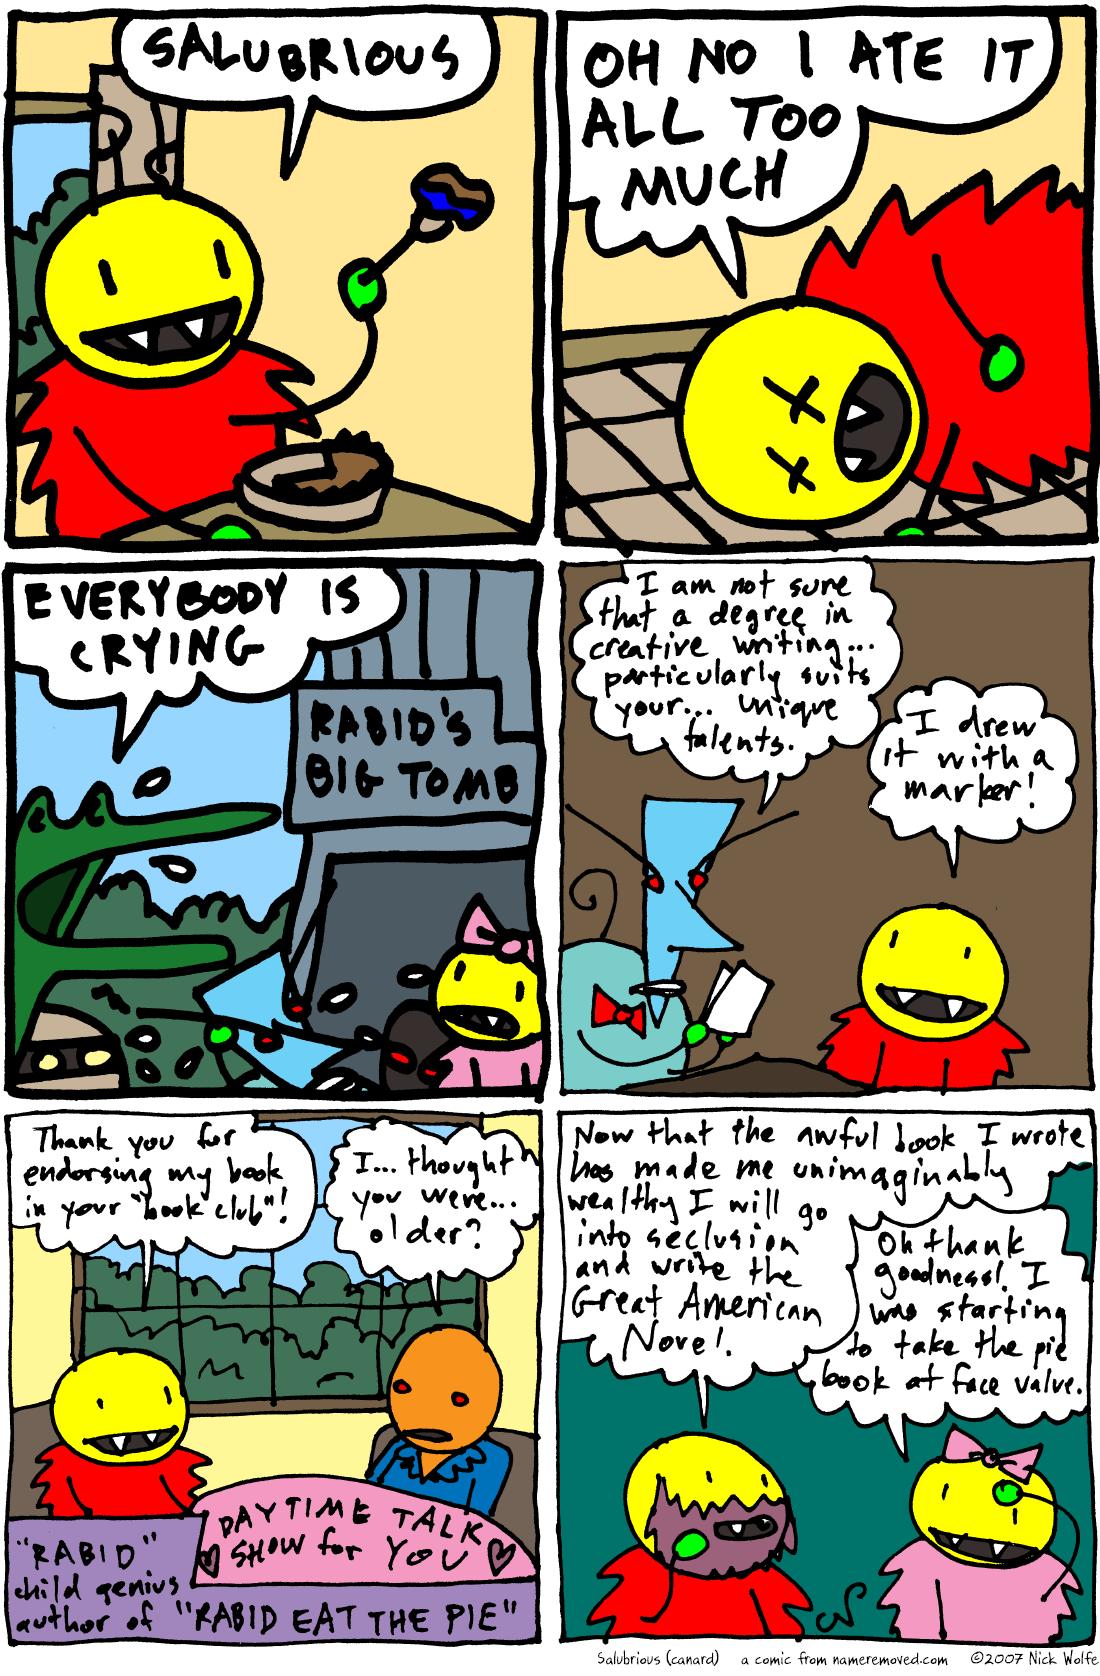 Salubrious (canard)